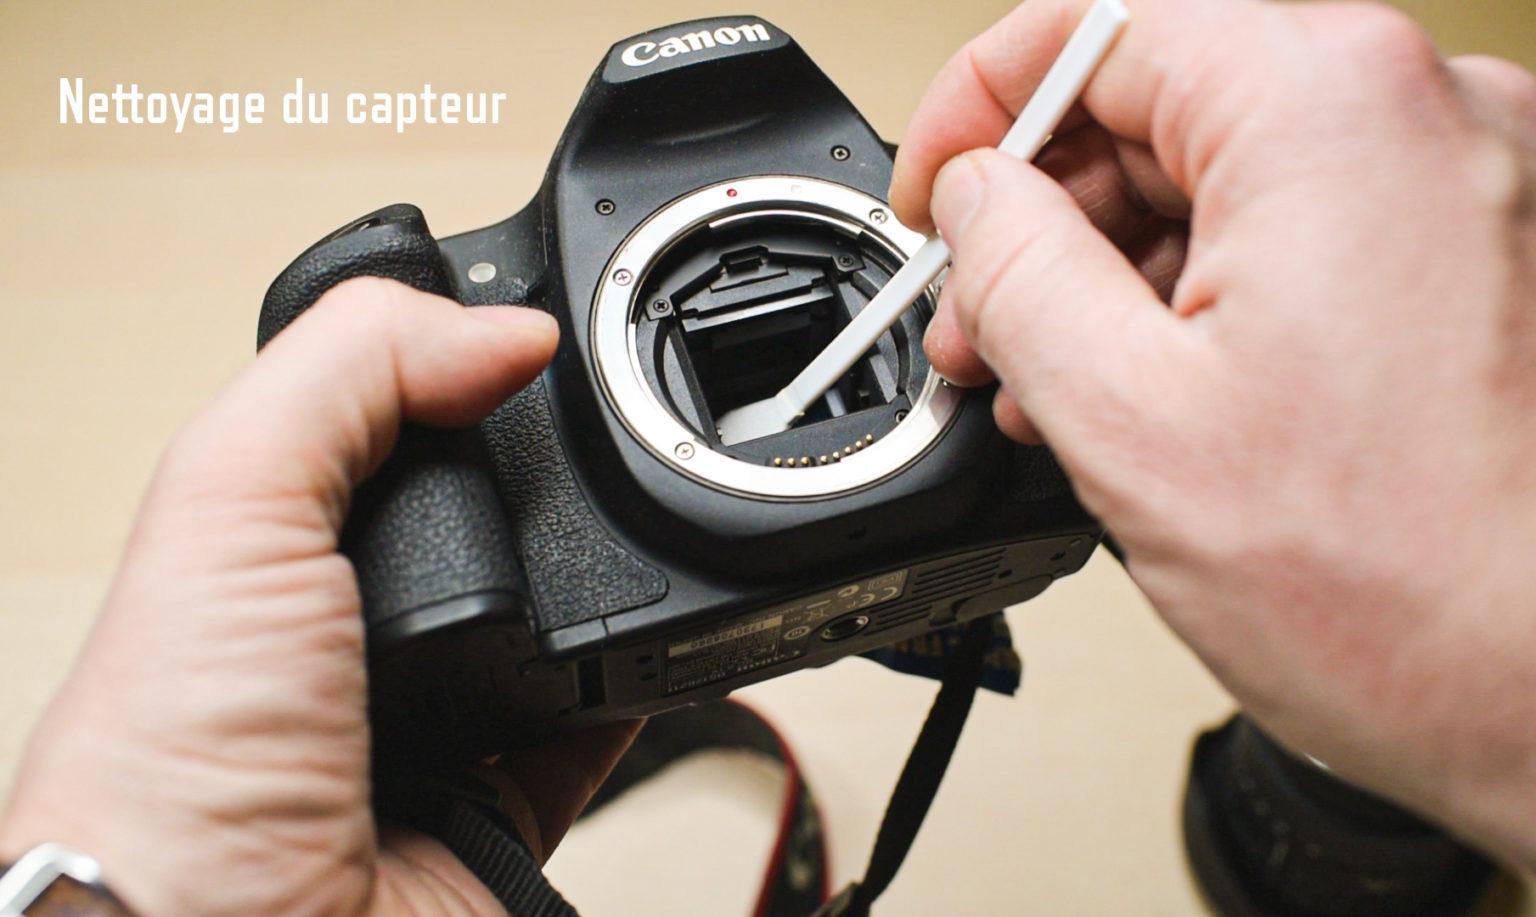 Nettoyage capteur appareil photo numérique Maisons-Laffitte Yvelines 78 Christophe Lefebvre Photographe texte